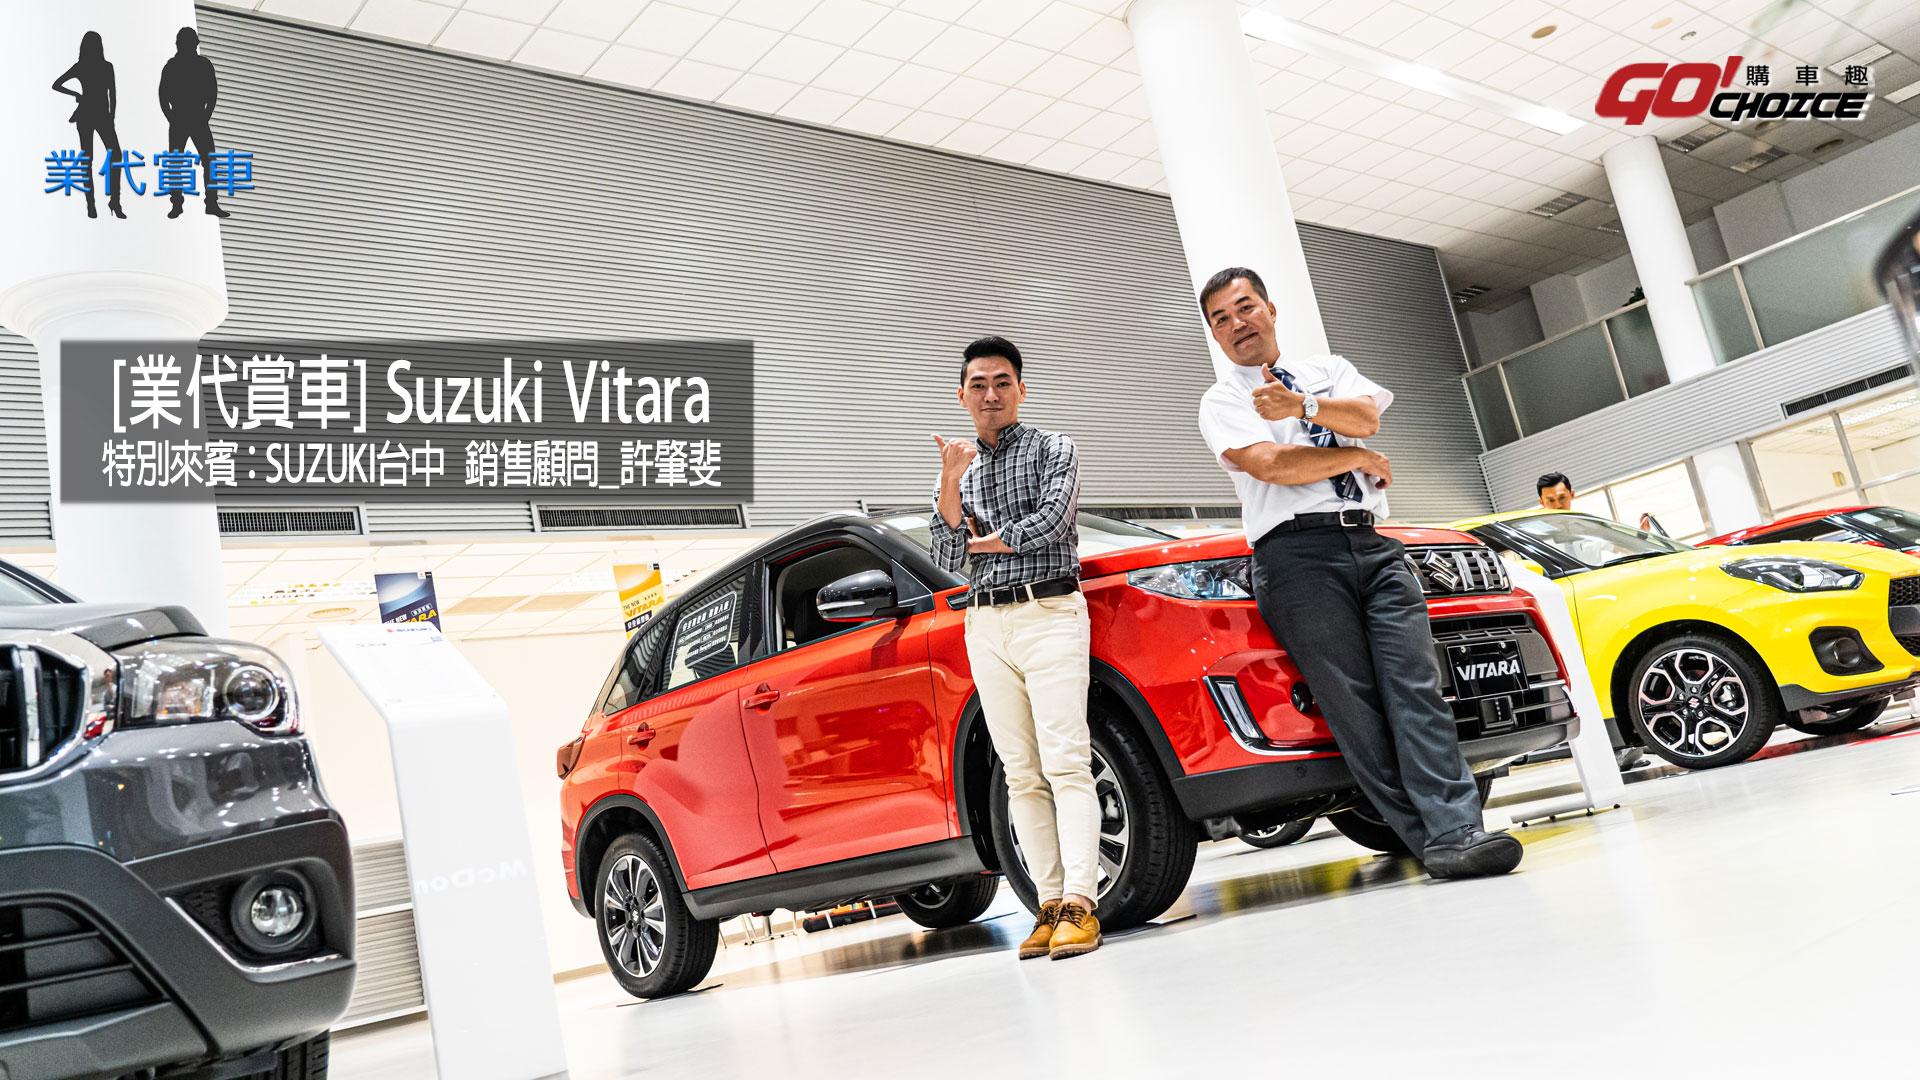 業代賞車-Suzuki Vitara-Suzuki銷售顧問 台中_許肇斐